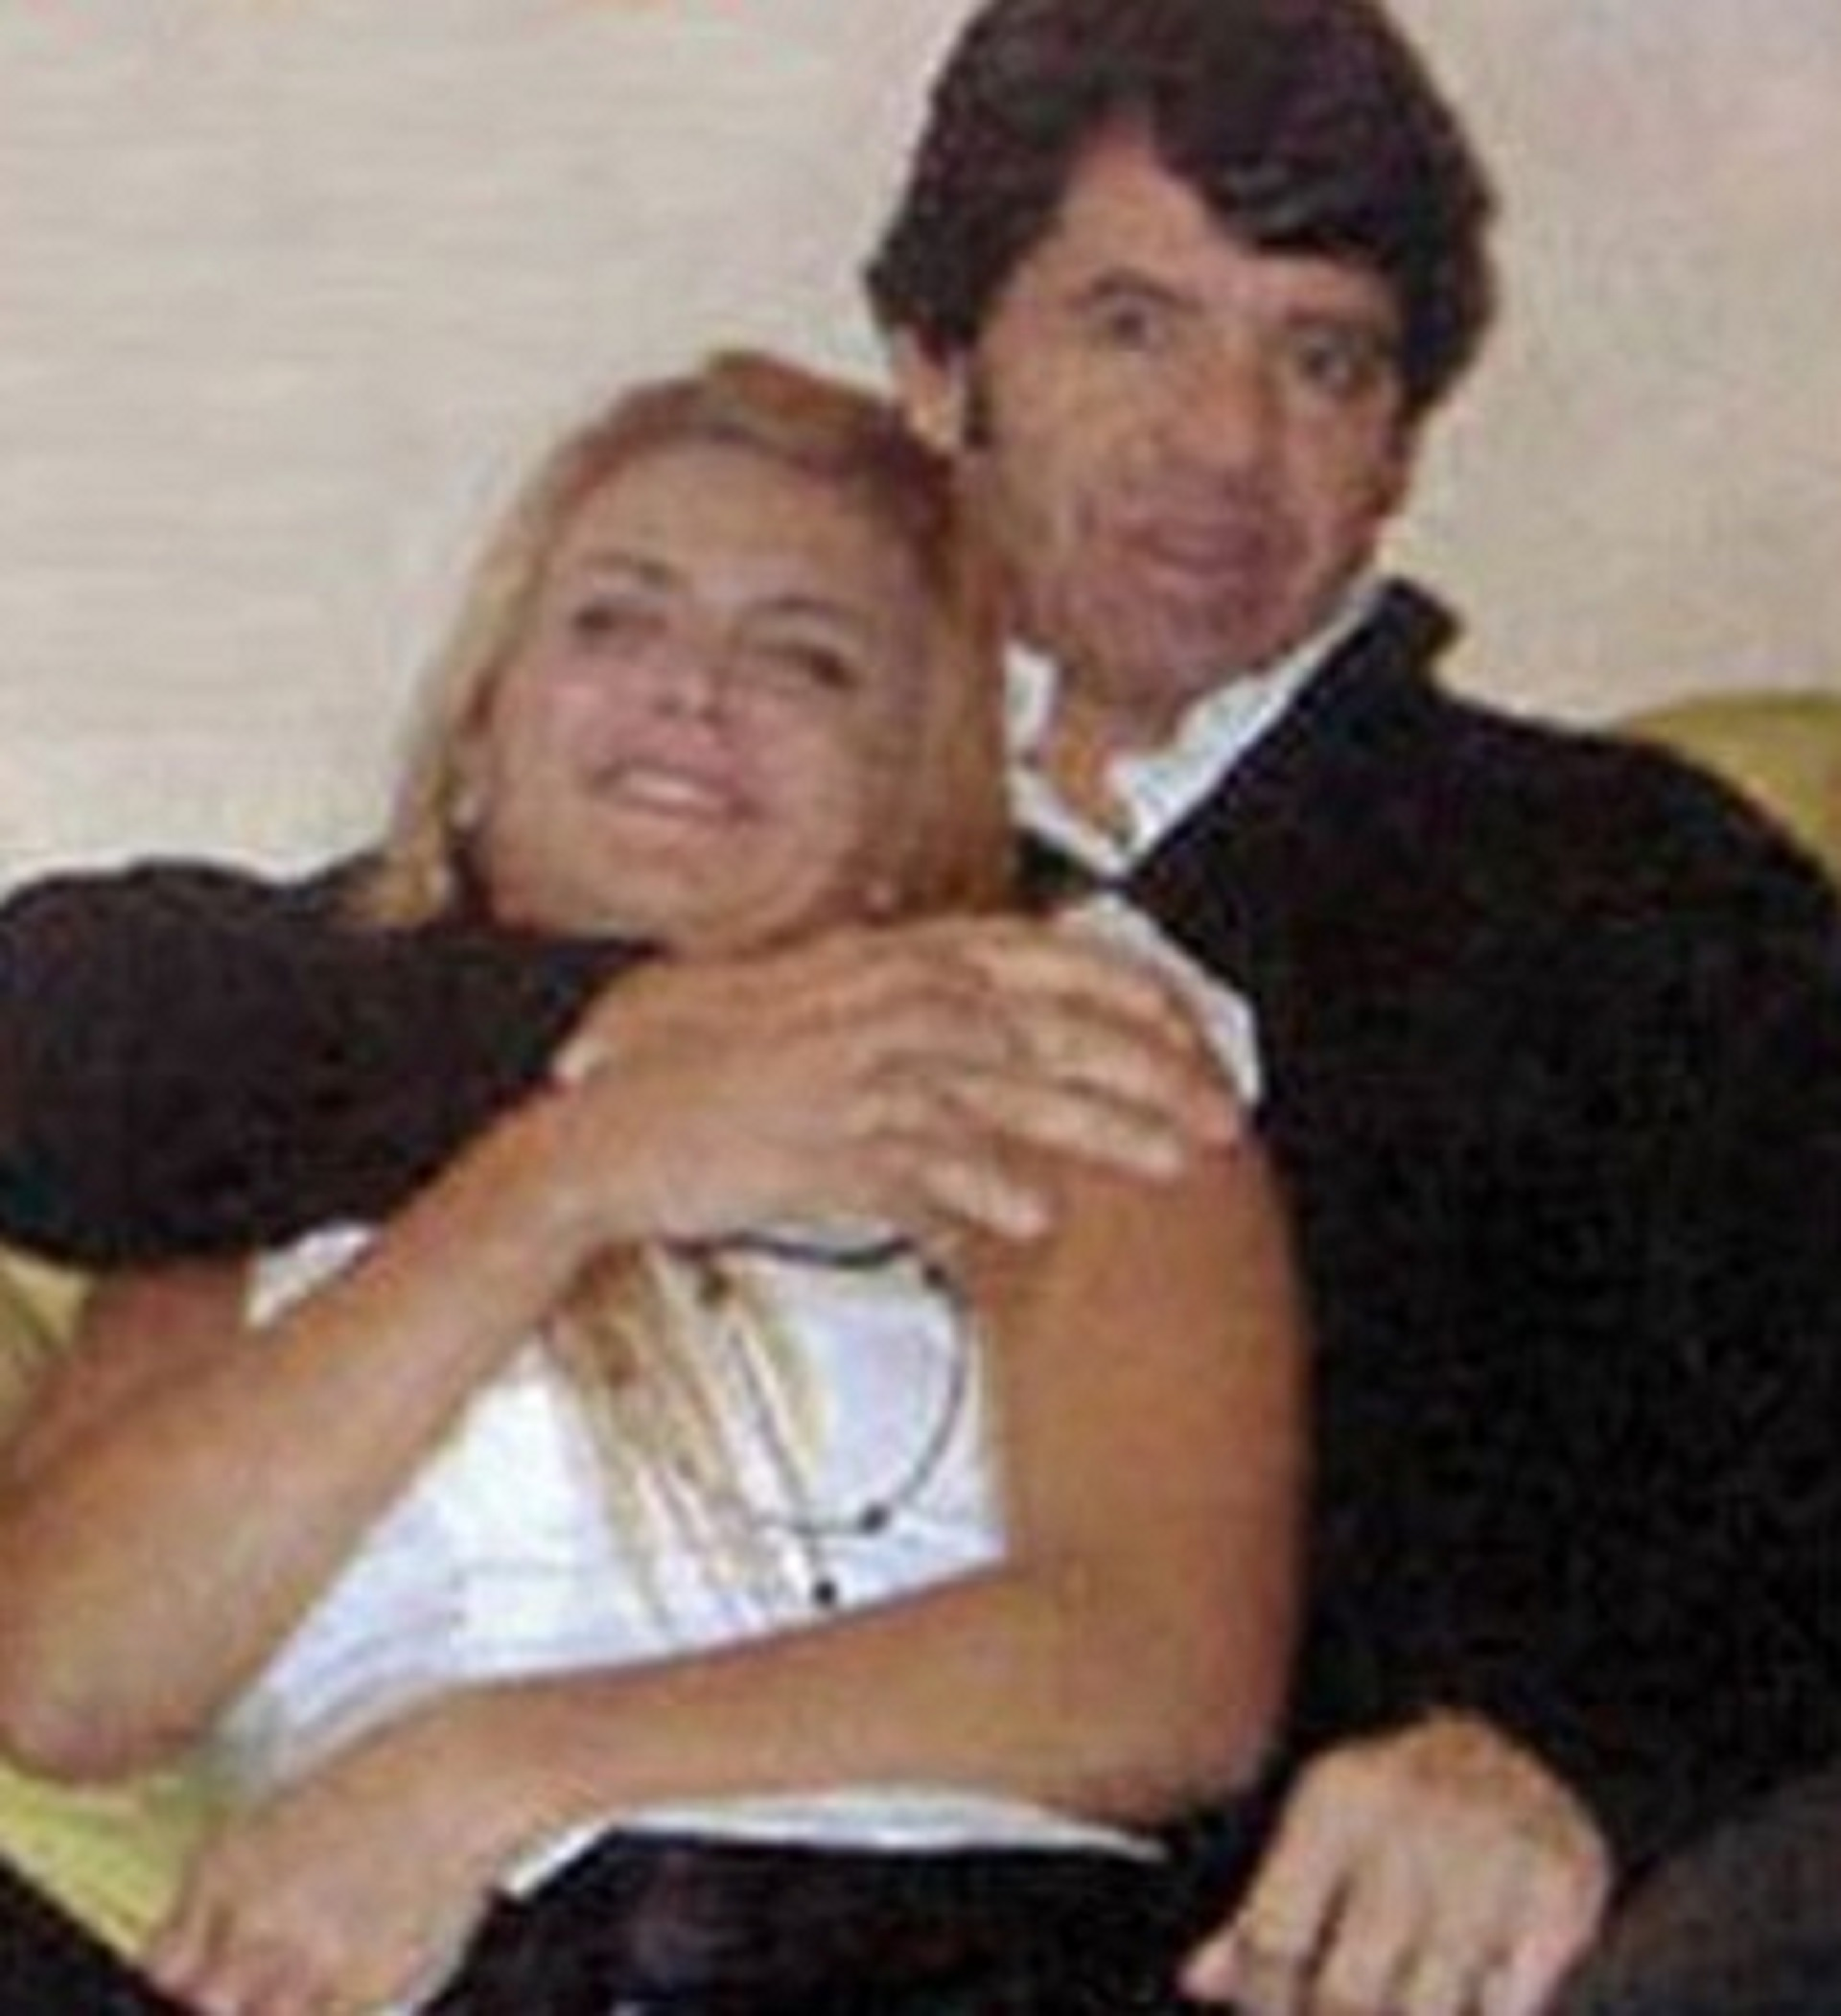 La periodista y el contador comenzaron su relación en 2004